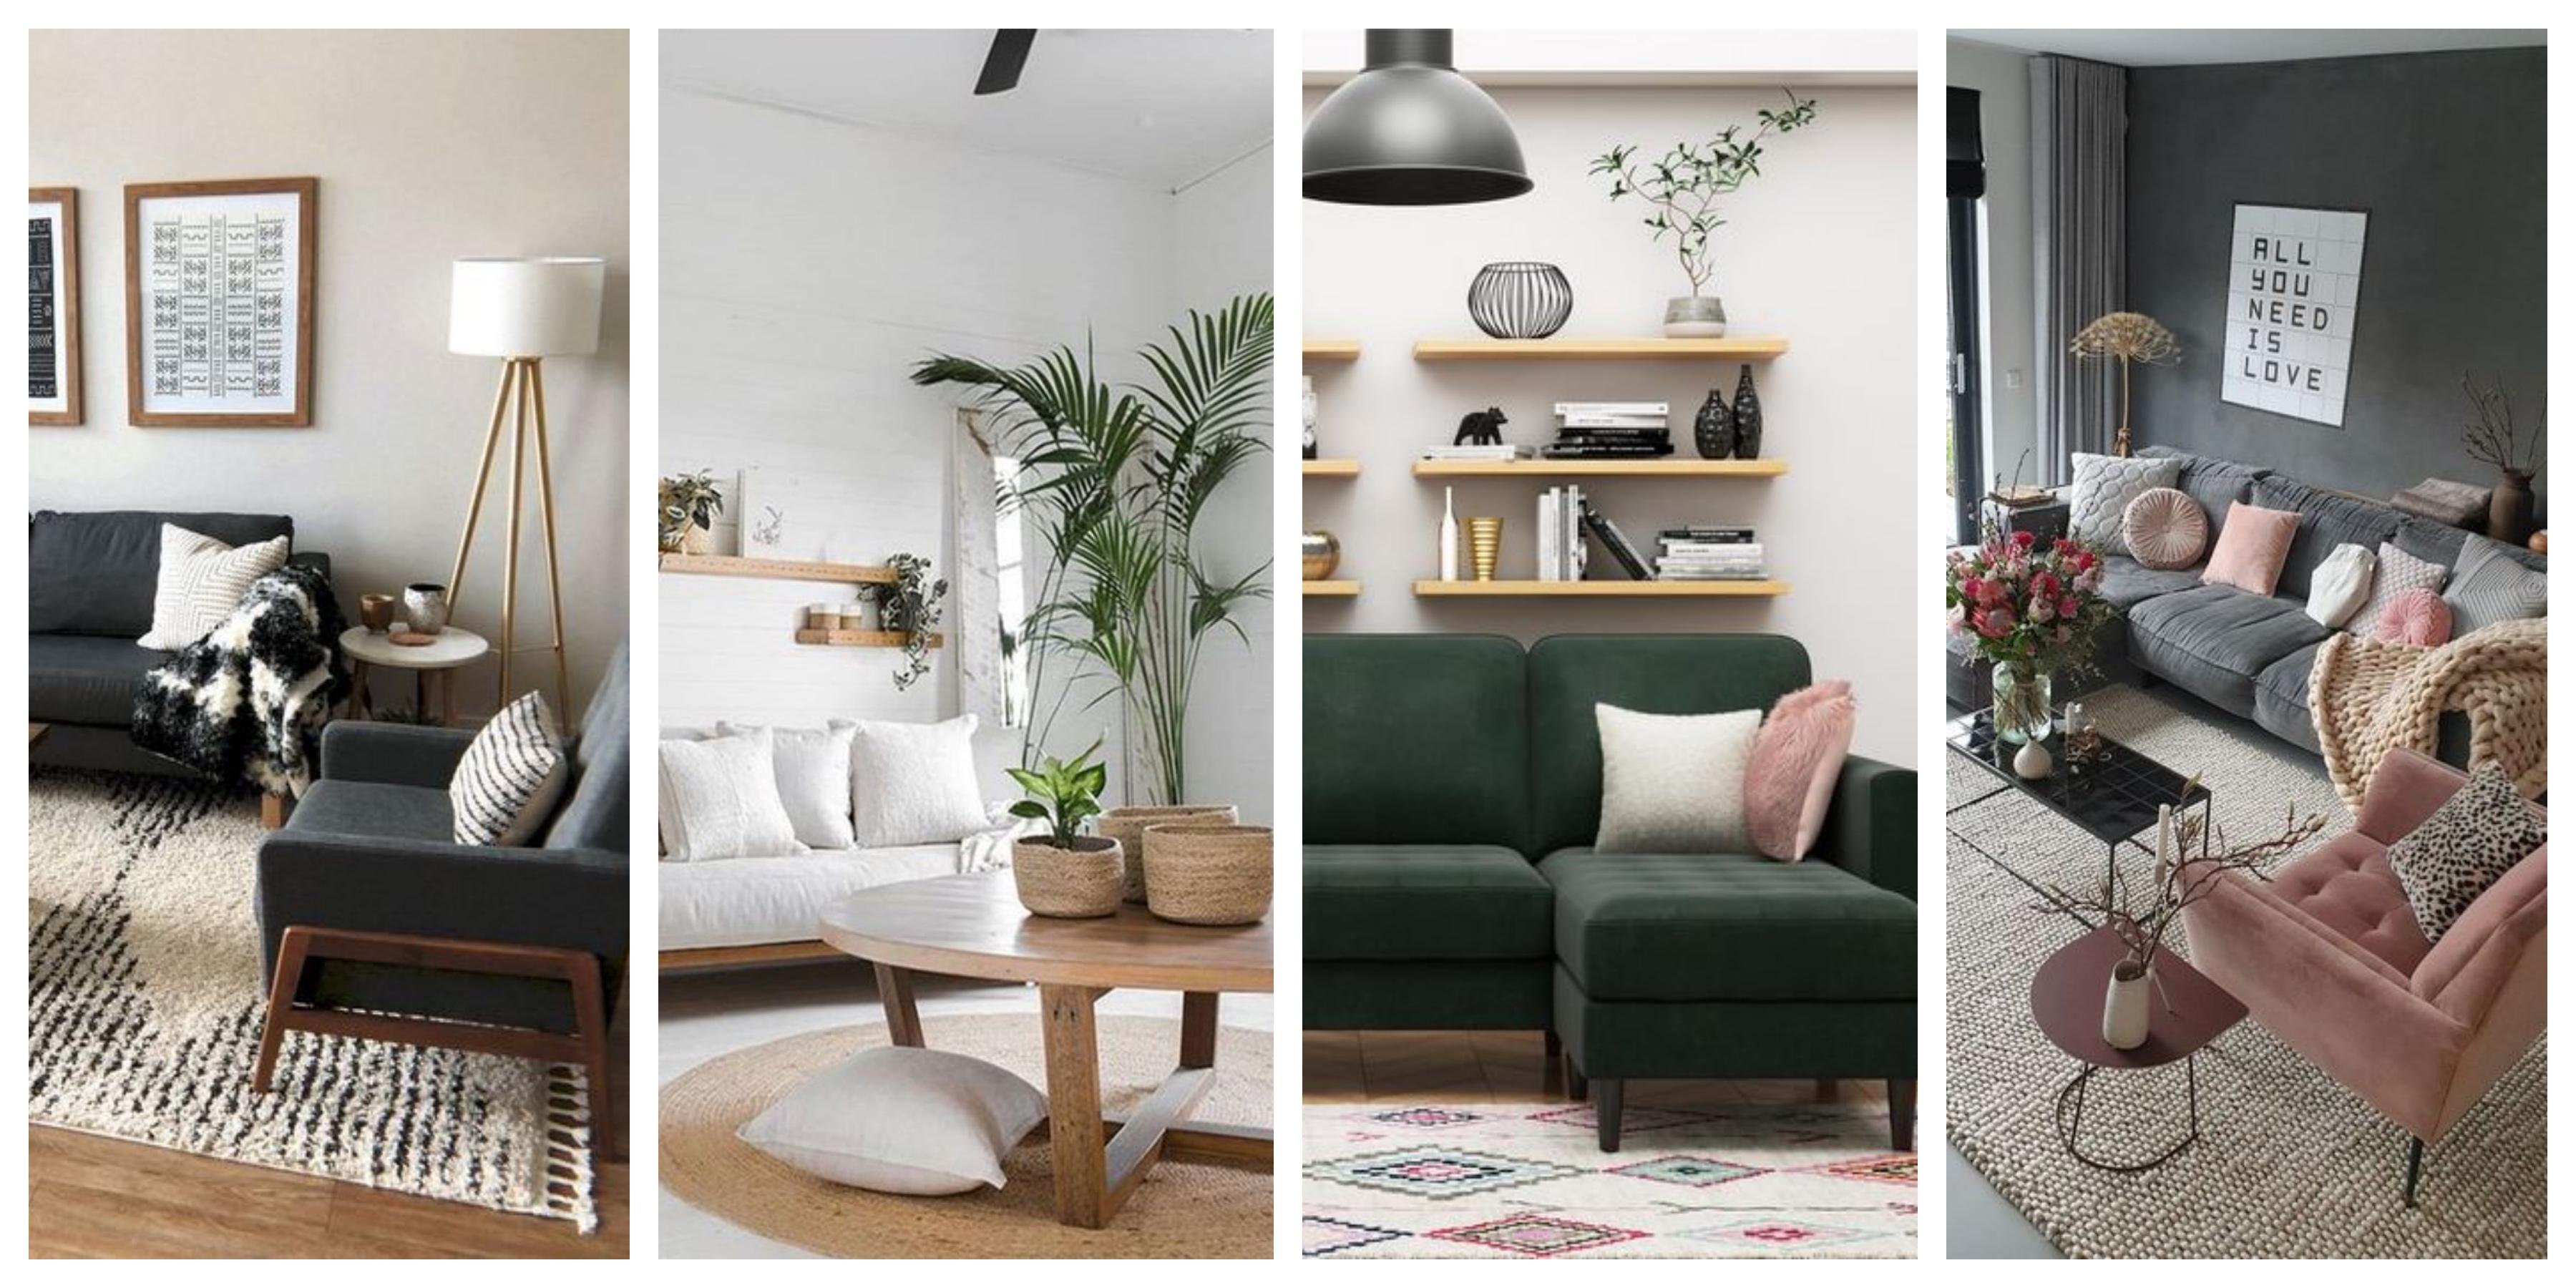 Malý obývací pokoj - inspirace, fotogalerie